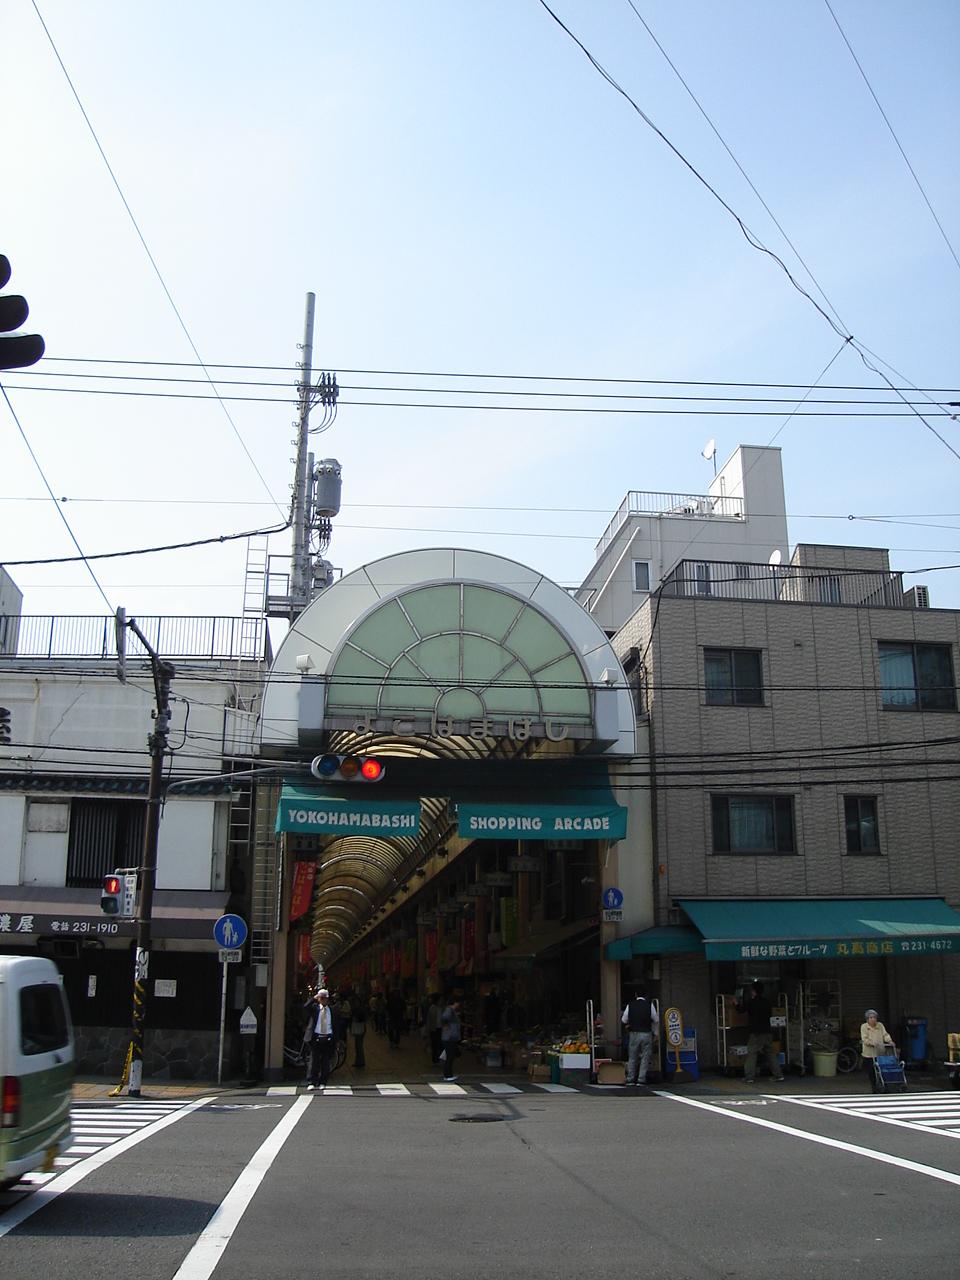 「阪東橋」駅の近くには横浜橋通商店街があります